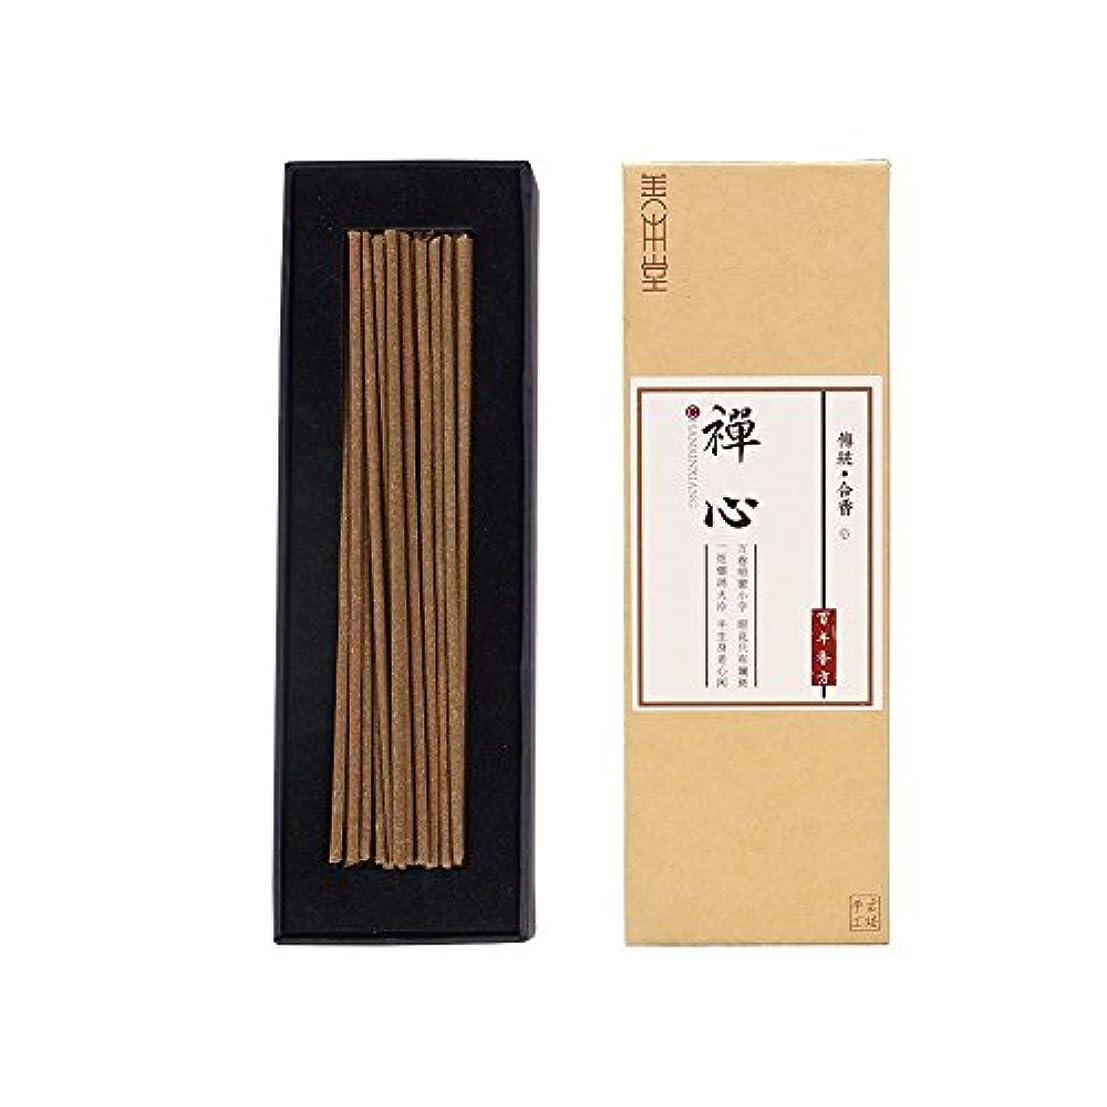 平凡パット前者お香 善本堂天然の手作り線香 (14cm 50本入)